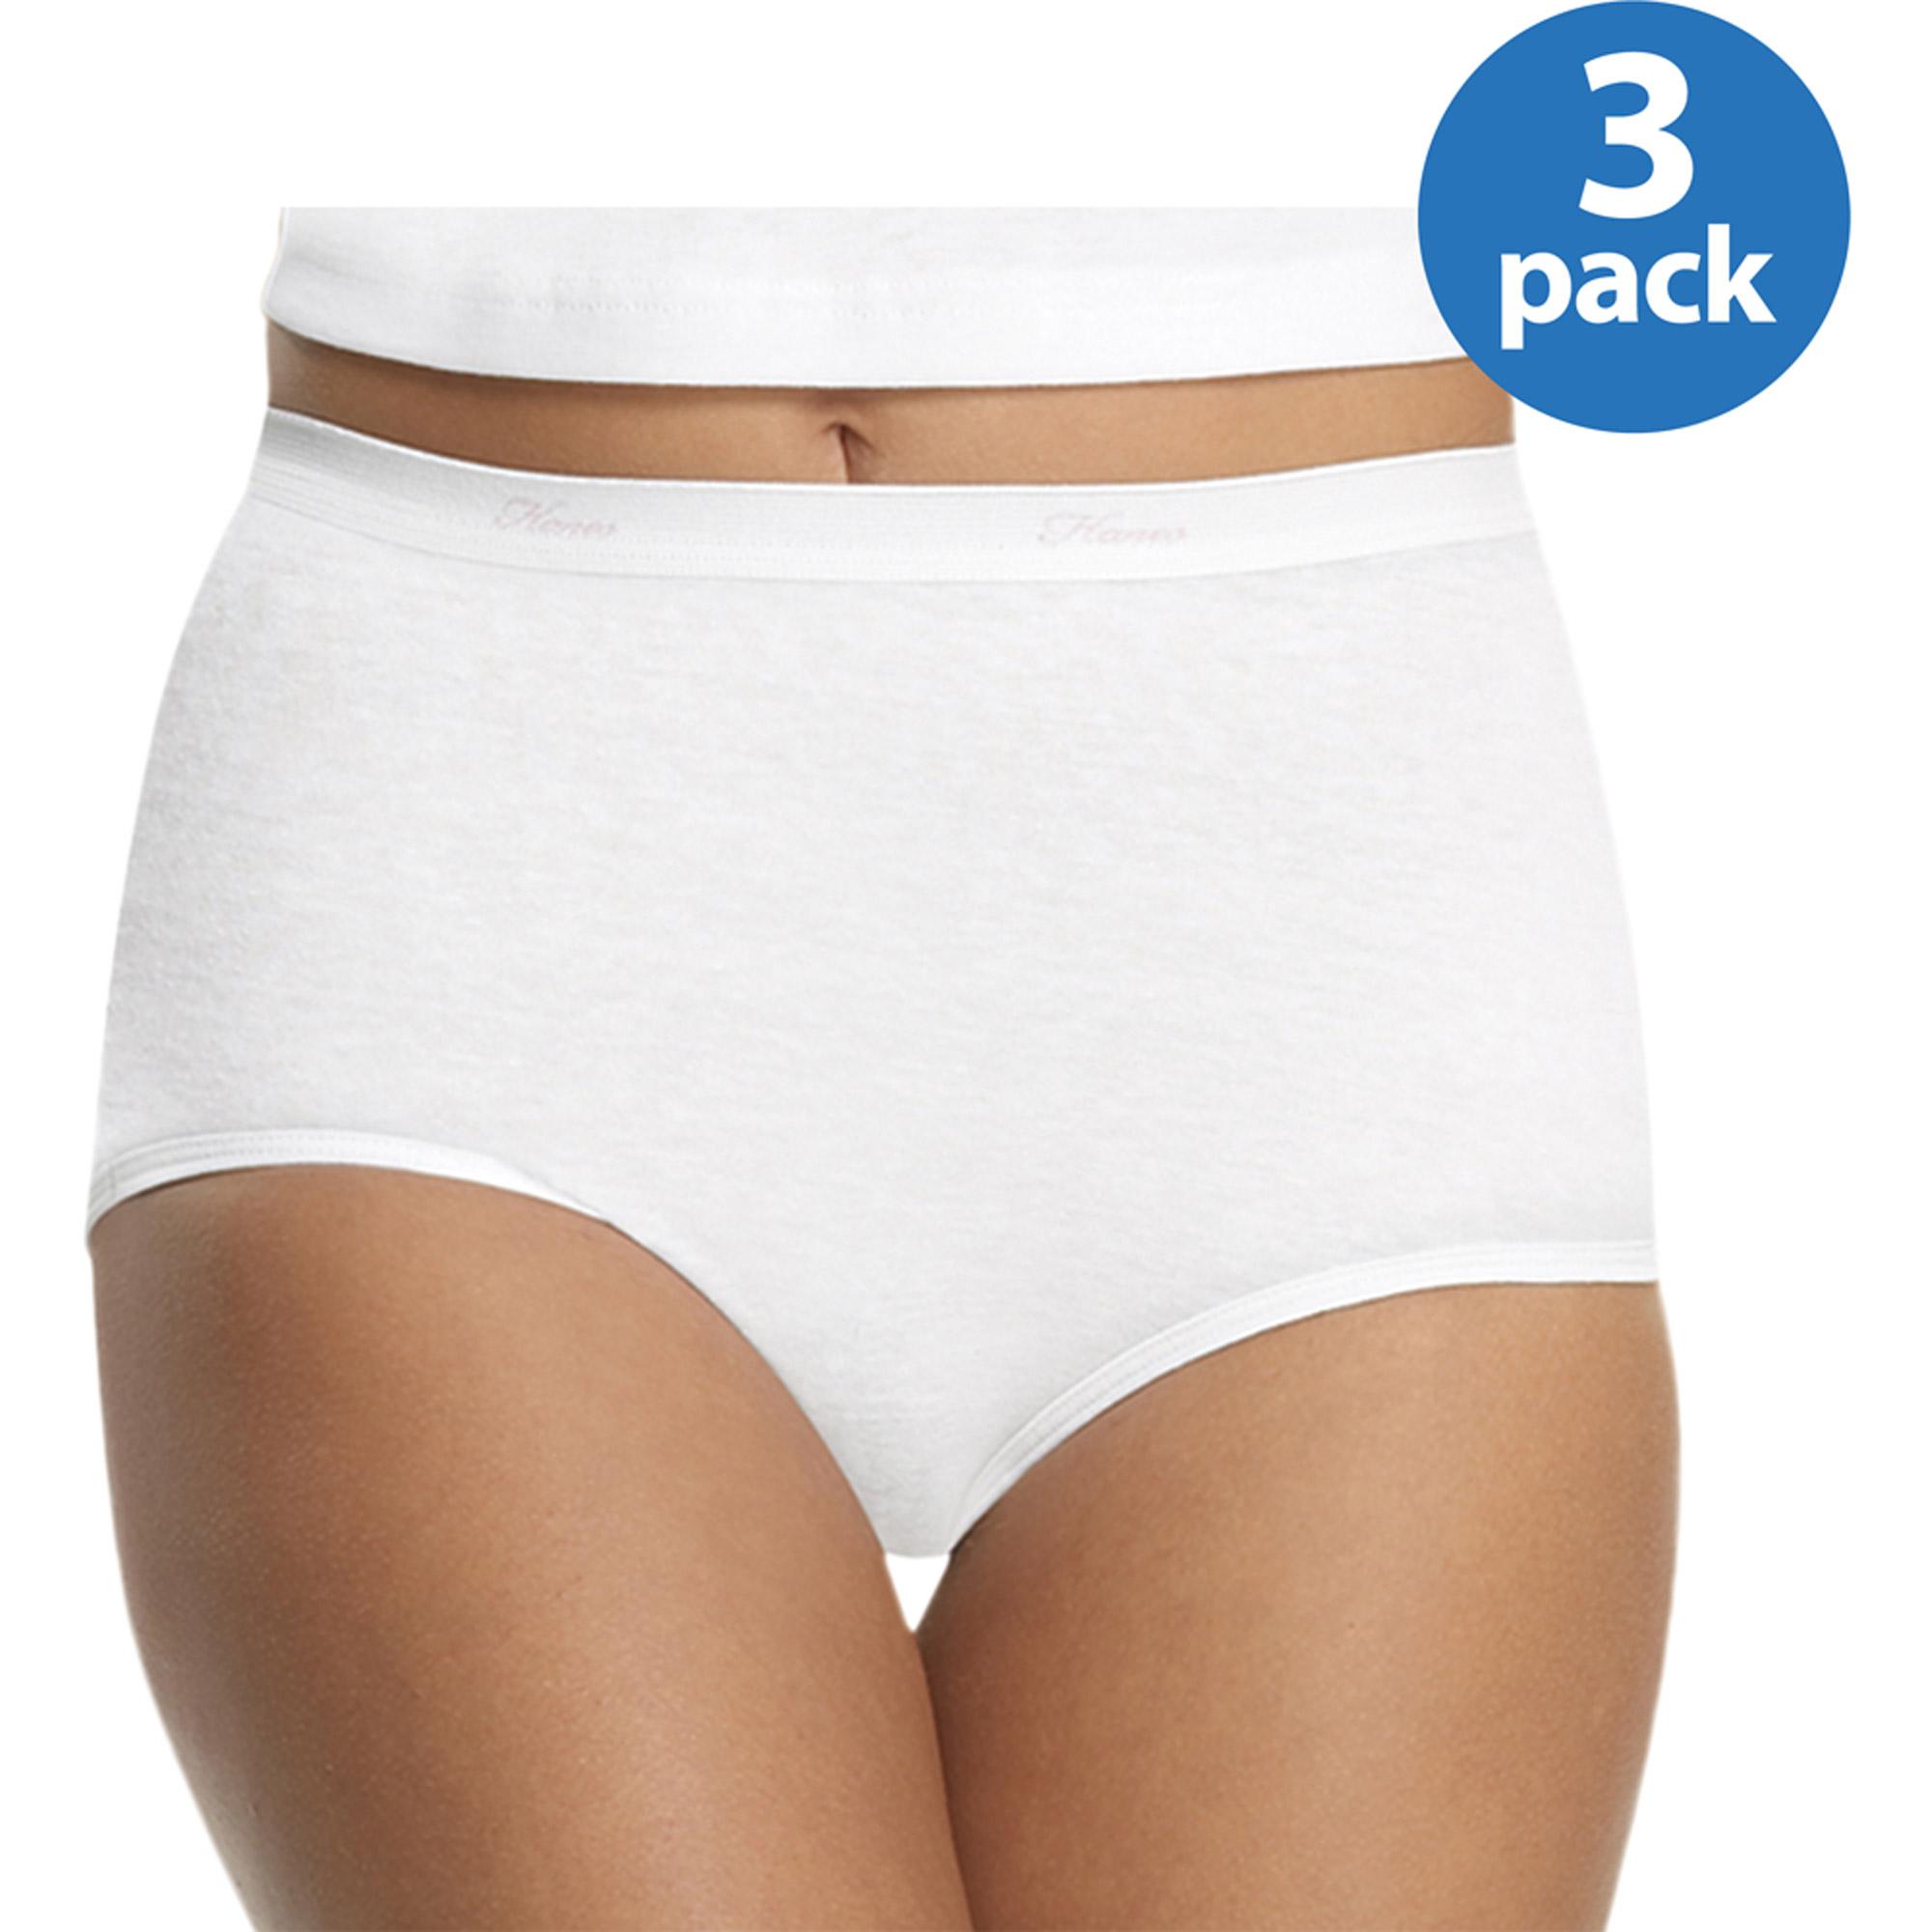 Hanes Women's Cotton Briefs, 3-Pack